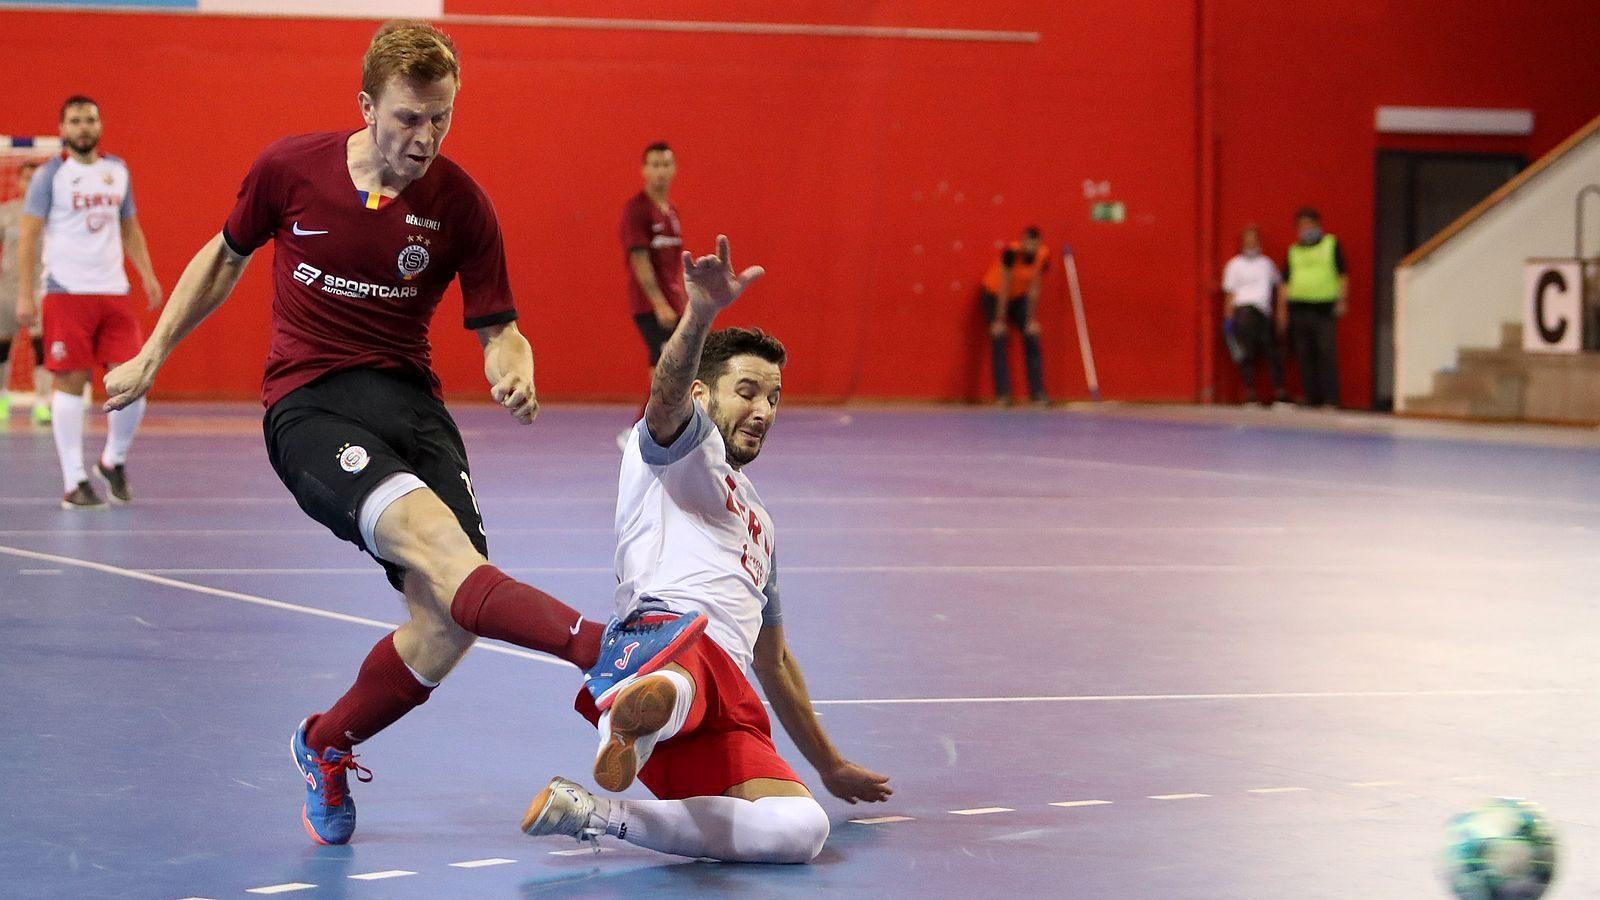 Sparta slaví postup do čtvrtfinále poháru